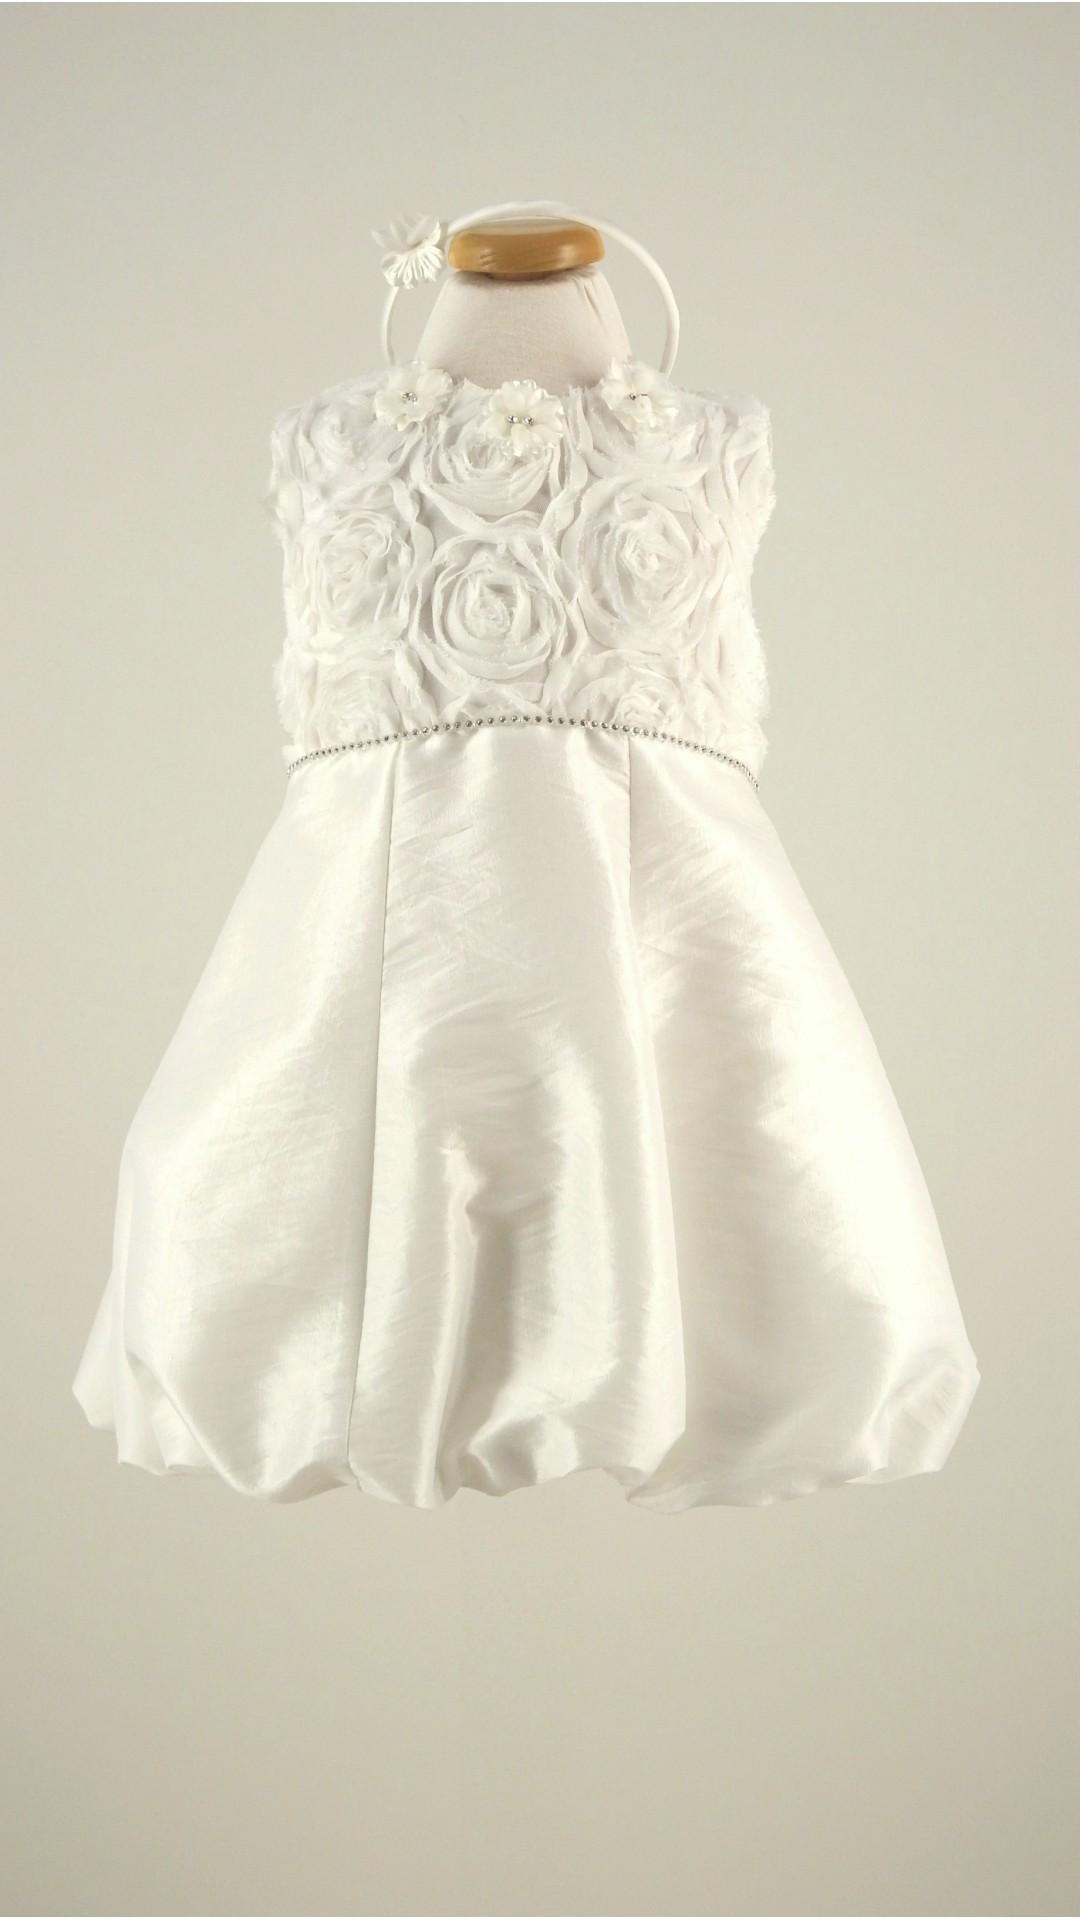 1e0ba7d3f6a2 Abiti Neonata Petit ~ Abito cerimonia neonata nazareno gabrielli  abbigliamento